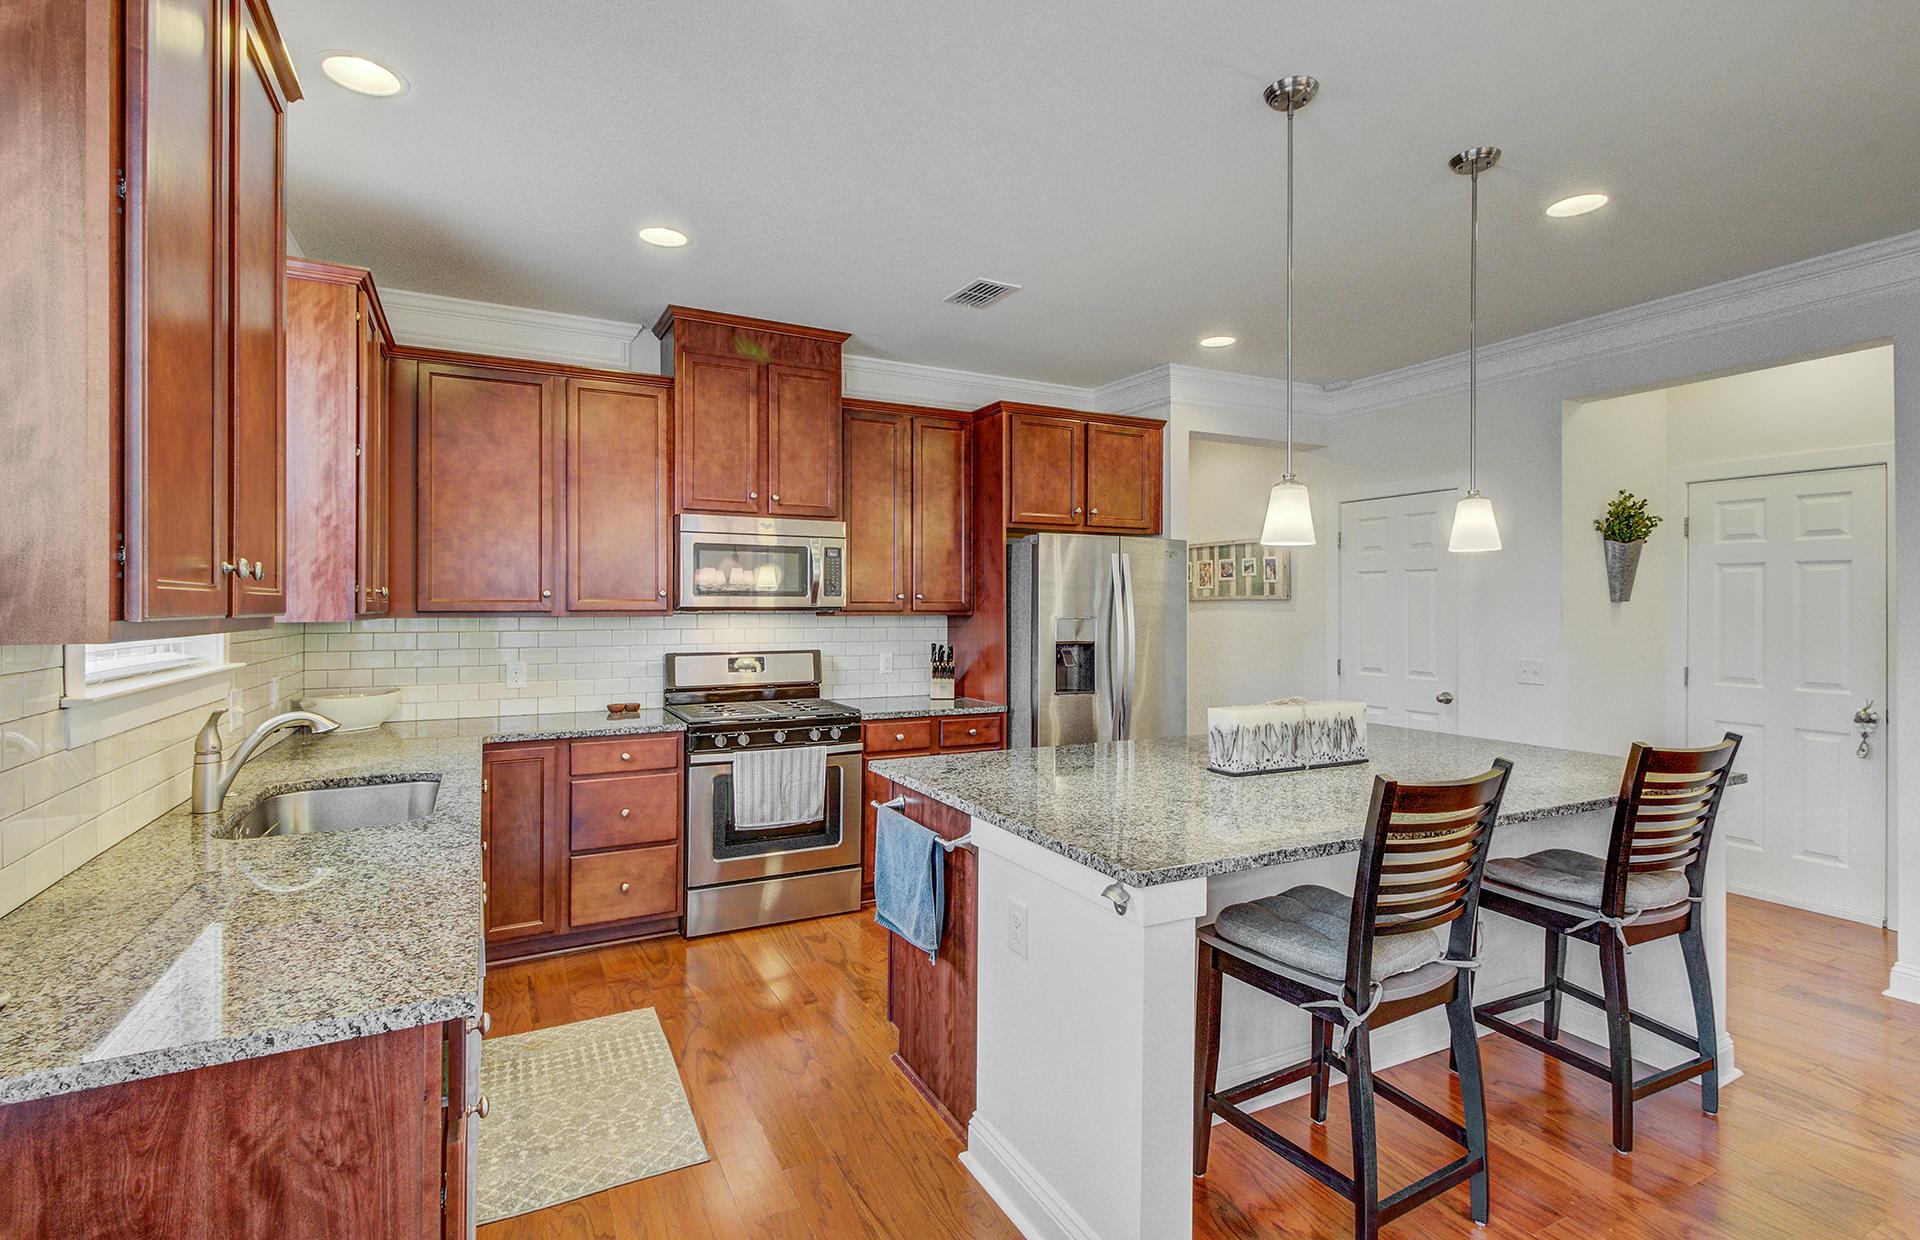 Boltons Landing Homes For Sale - 3143 Moonlight, Charleston, SC - 28